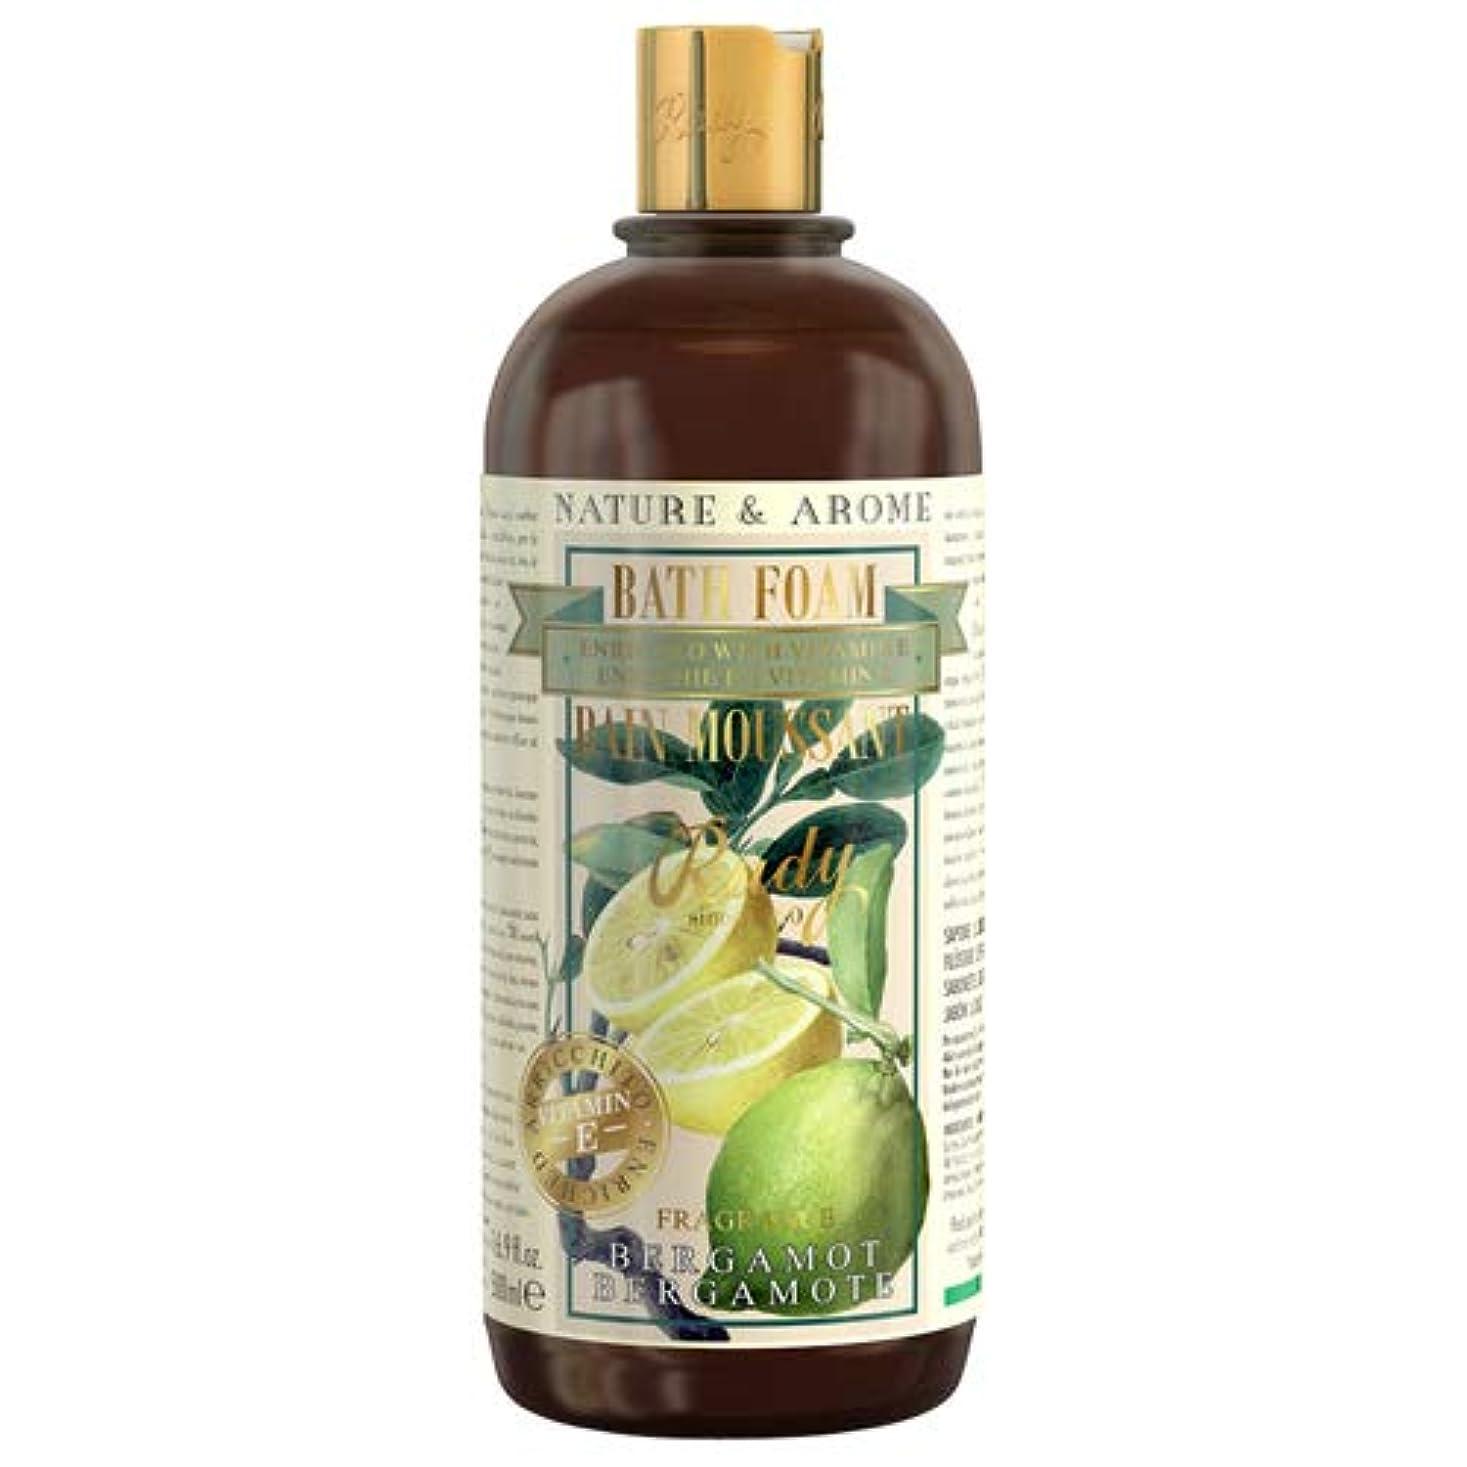 乳剤貞パイプルディ(Rudy) RUDY Nature&Arome Apothecary ネイチャーアロマ アポセカリー Bath & Shower Gel バス&シャワージェル Bergamot ベルガモット